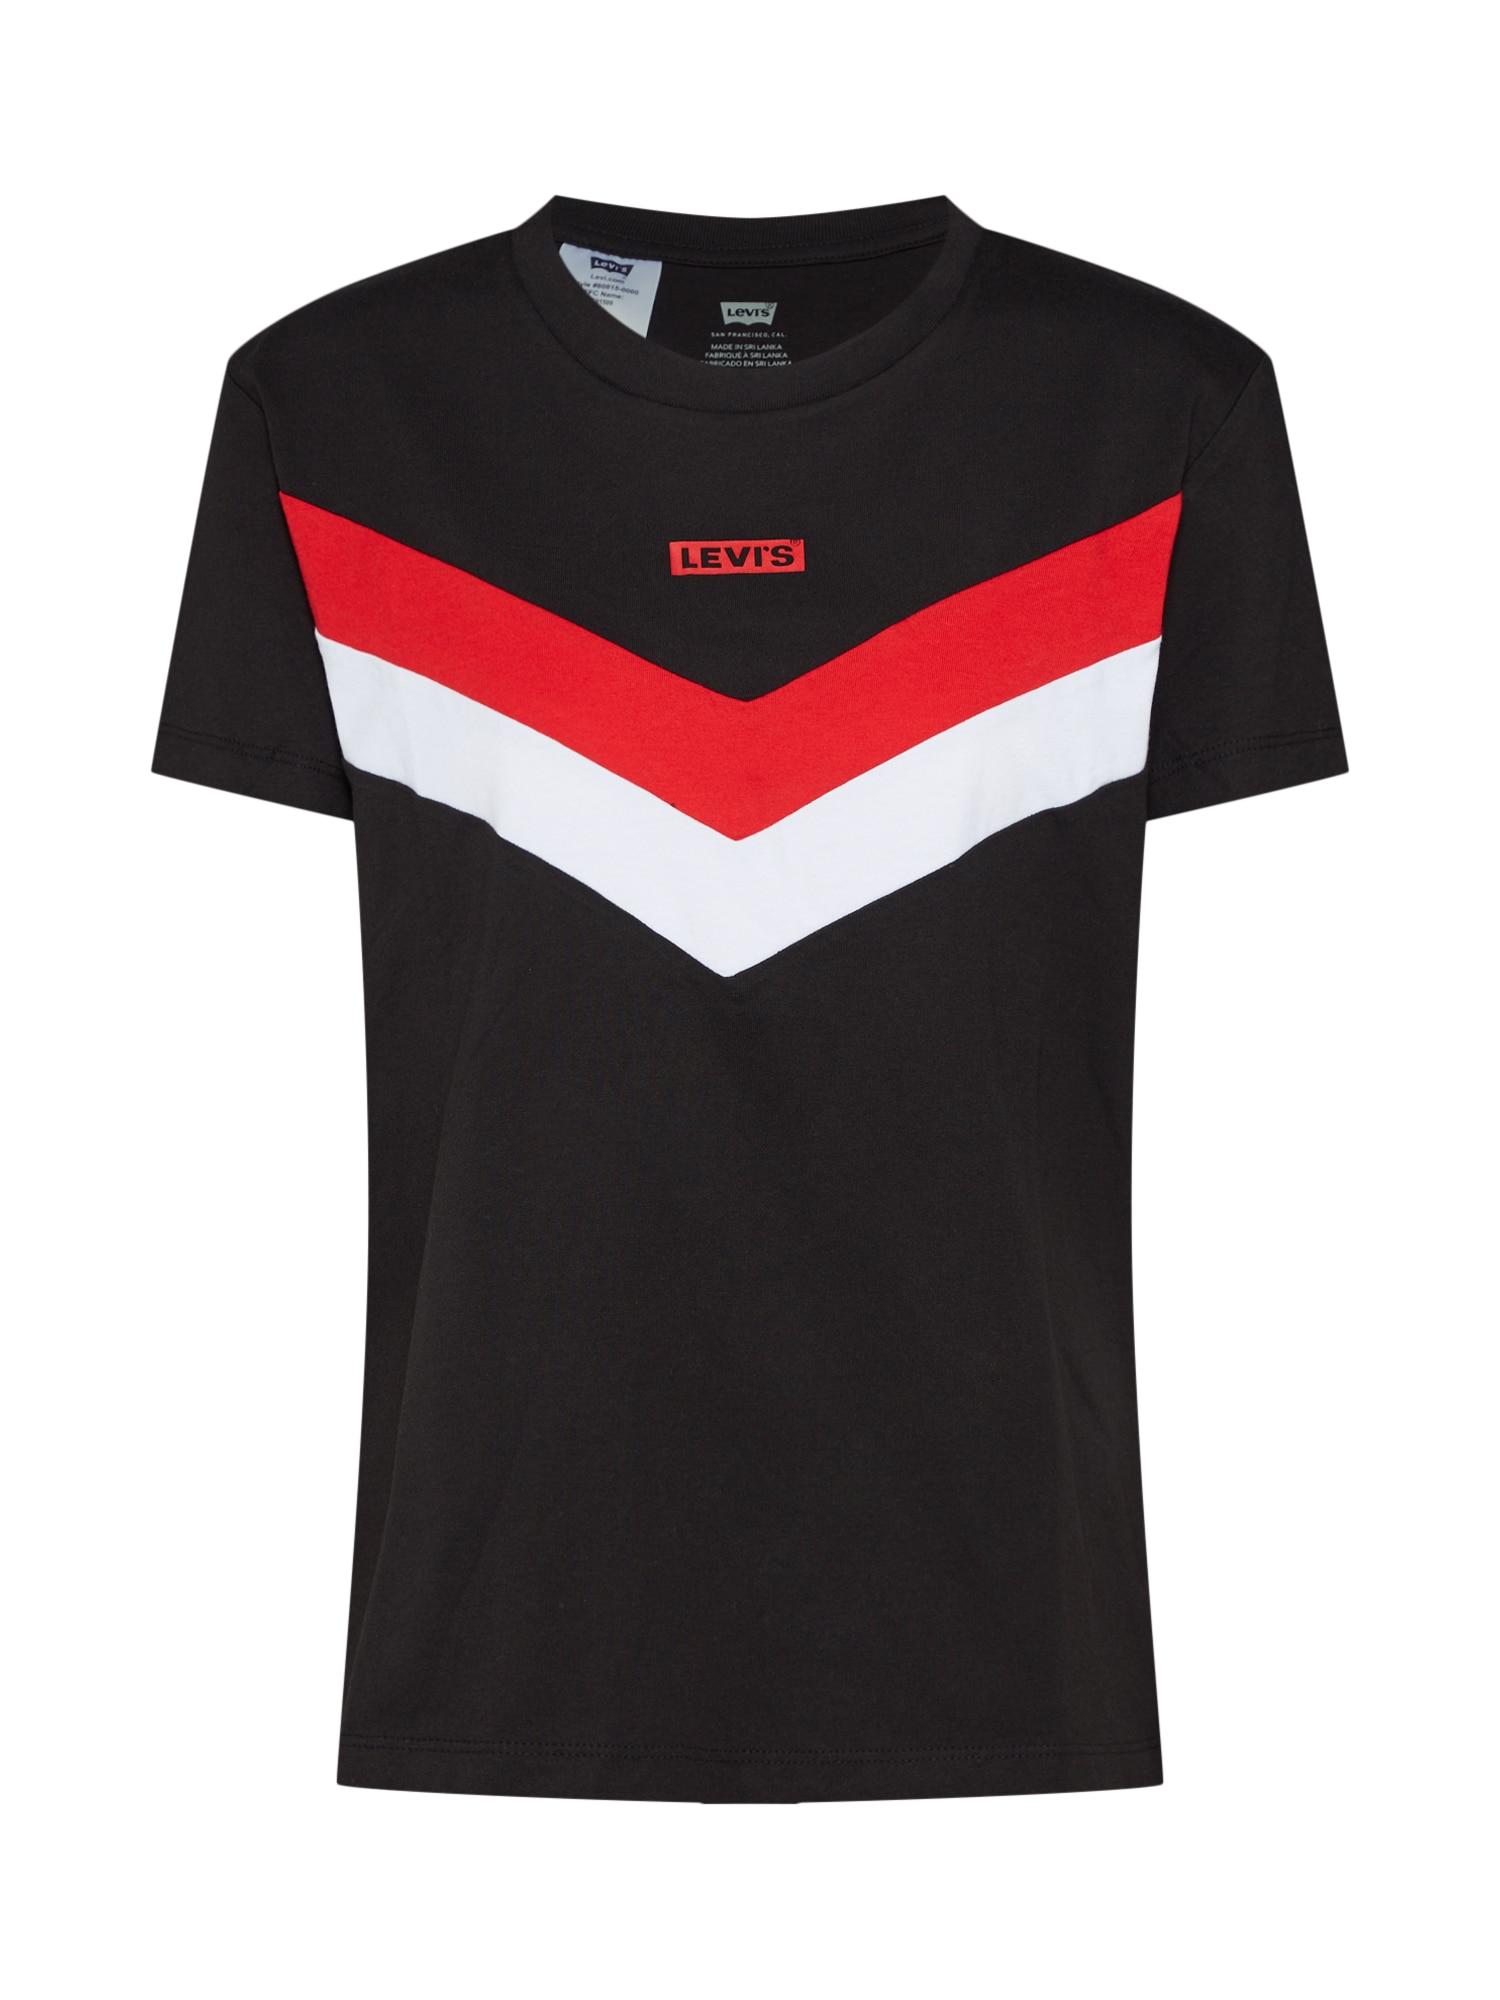 LEVIS Tričko FLORENCE červená černá bílá LEVI'S